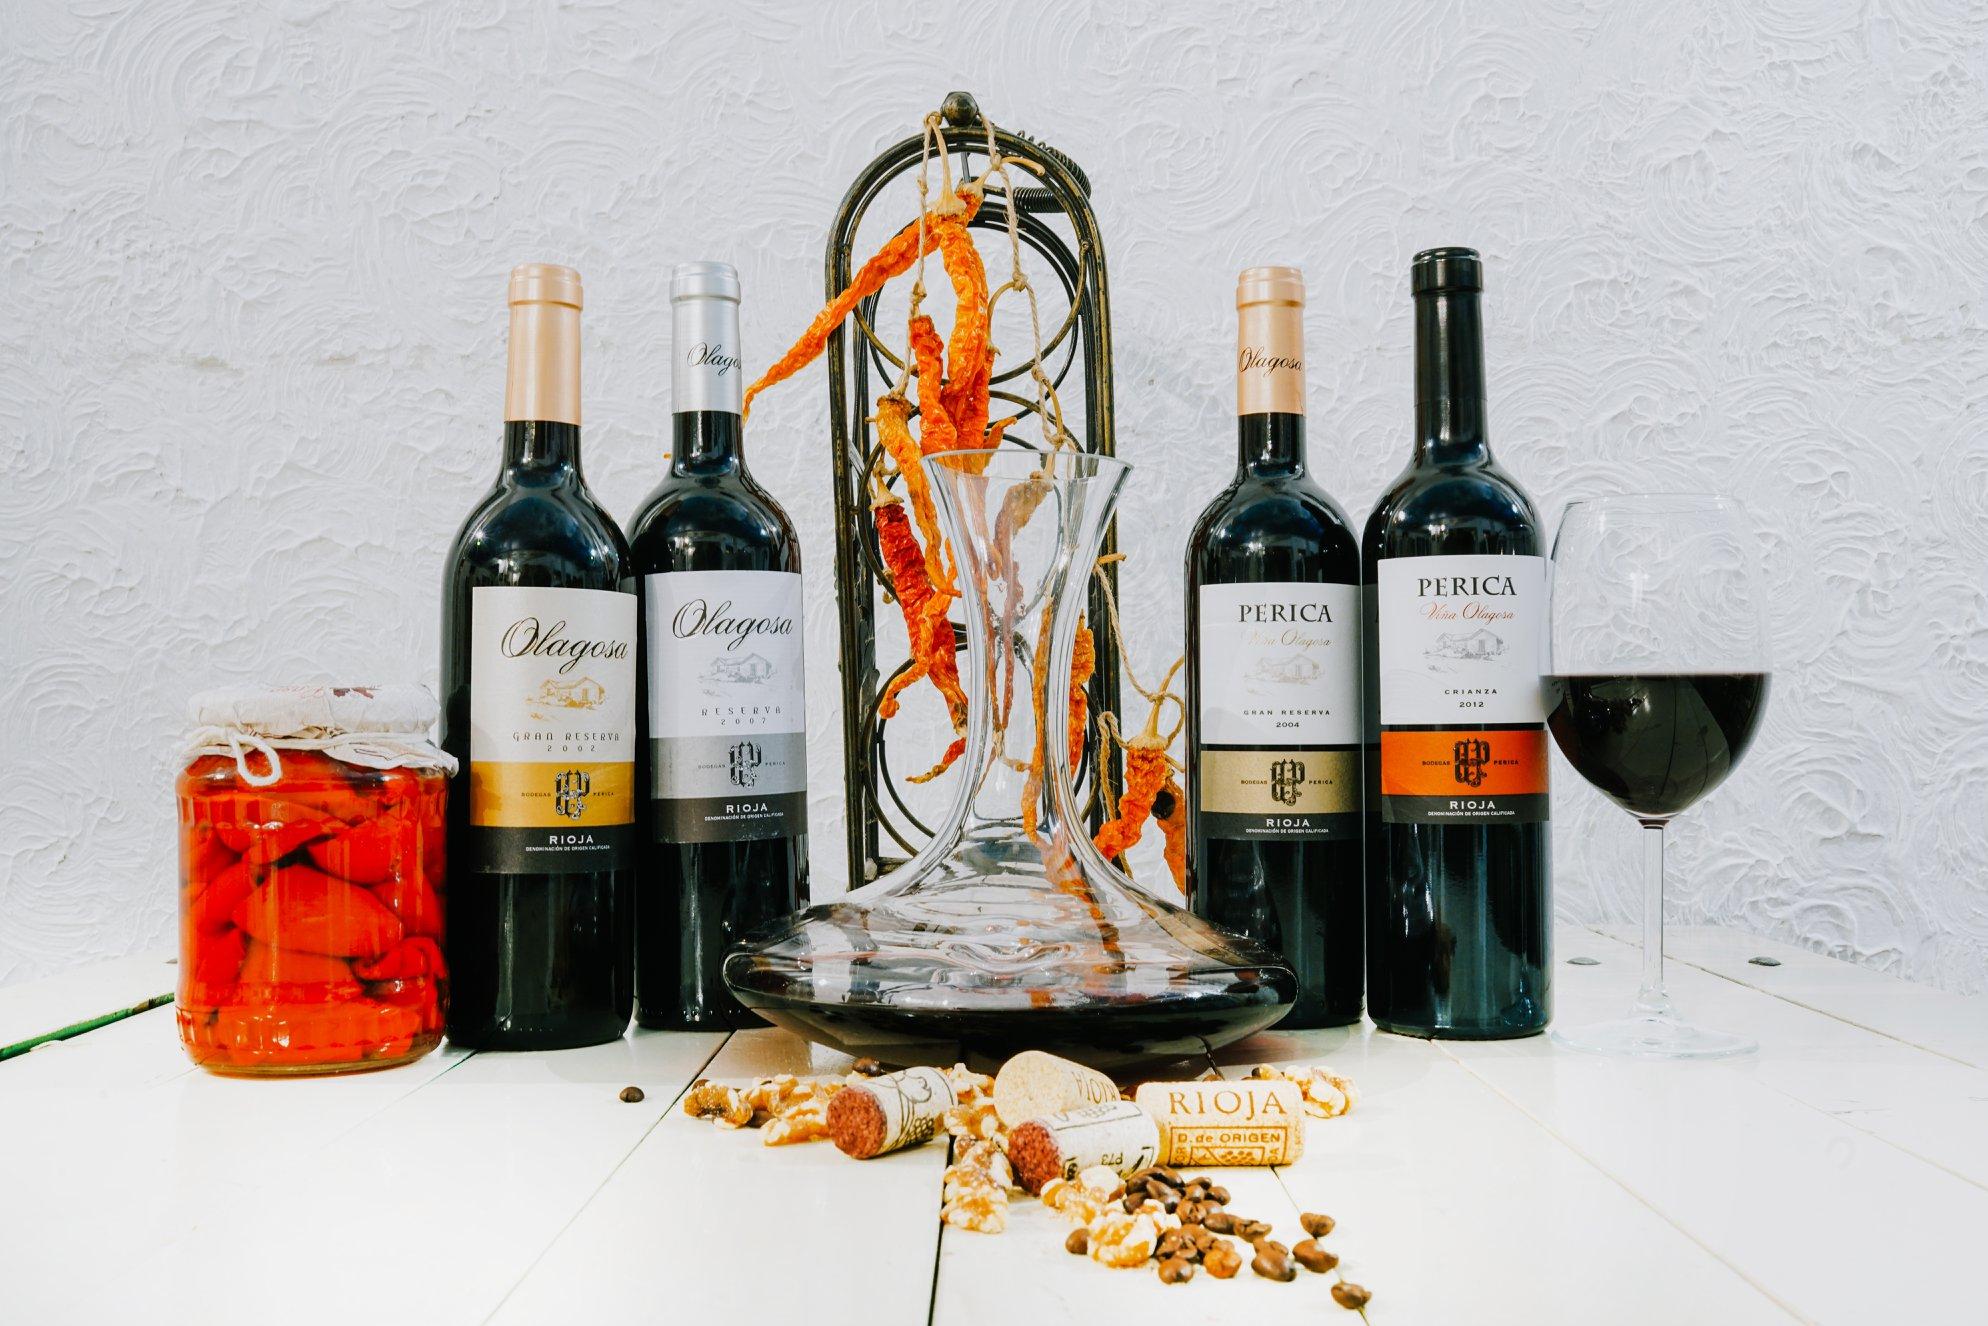 Locul unde poți savura cele mai bune vinuri din Spania în Cluj